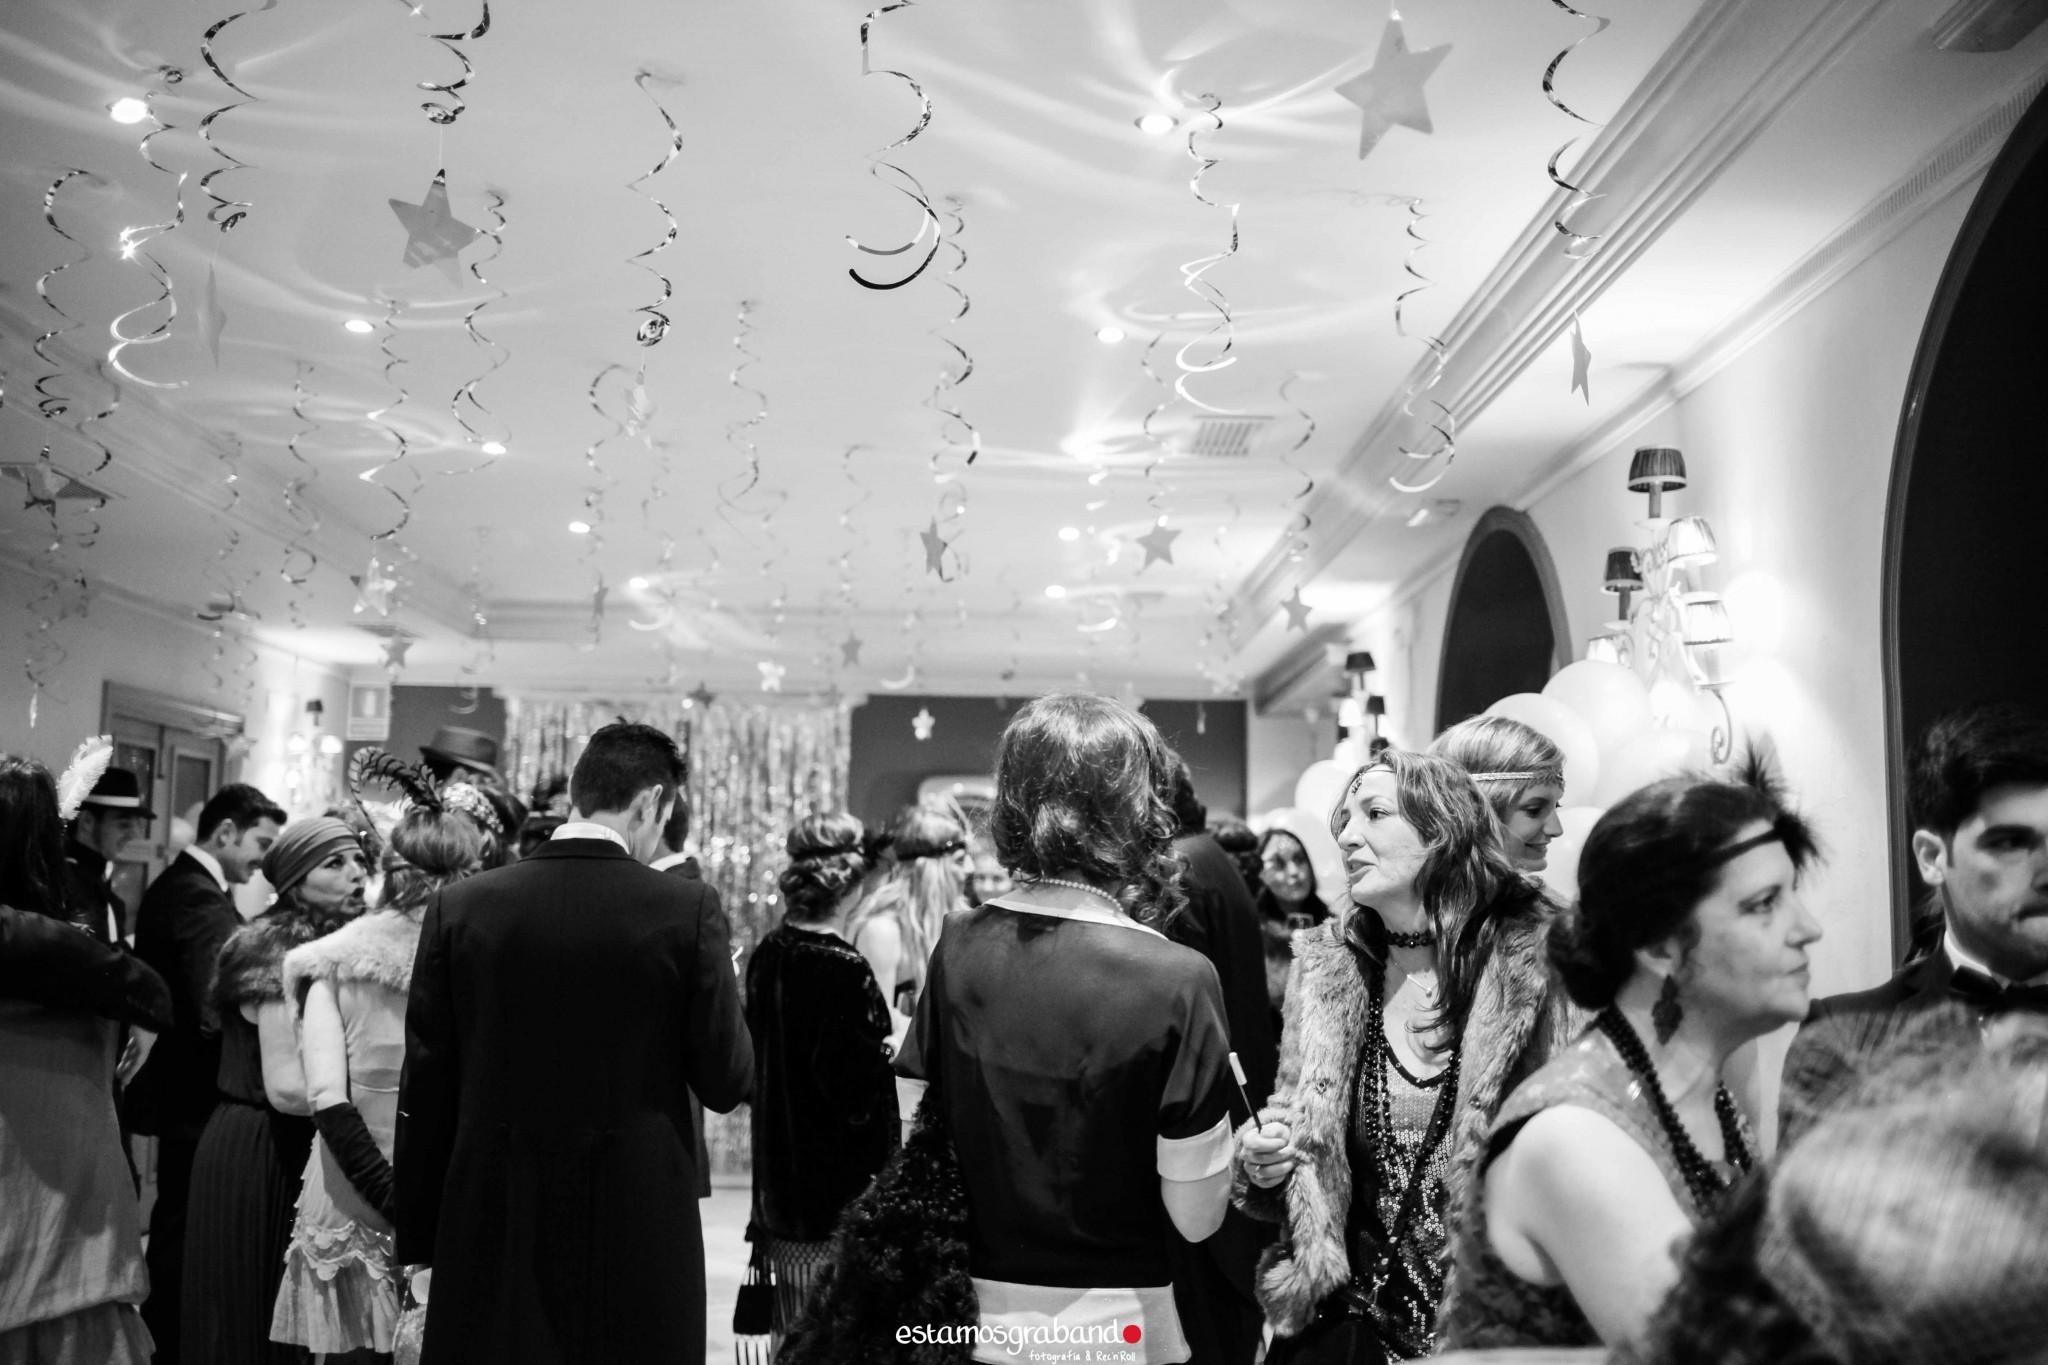 Fali-Bea-62-de-78 Fiesta Años 20 [La Teta de Julieta, Cádiz] - video boda cadiz